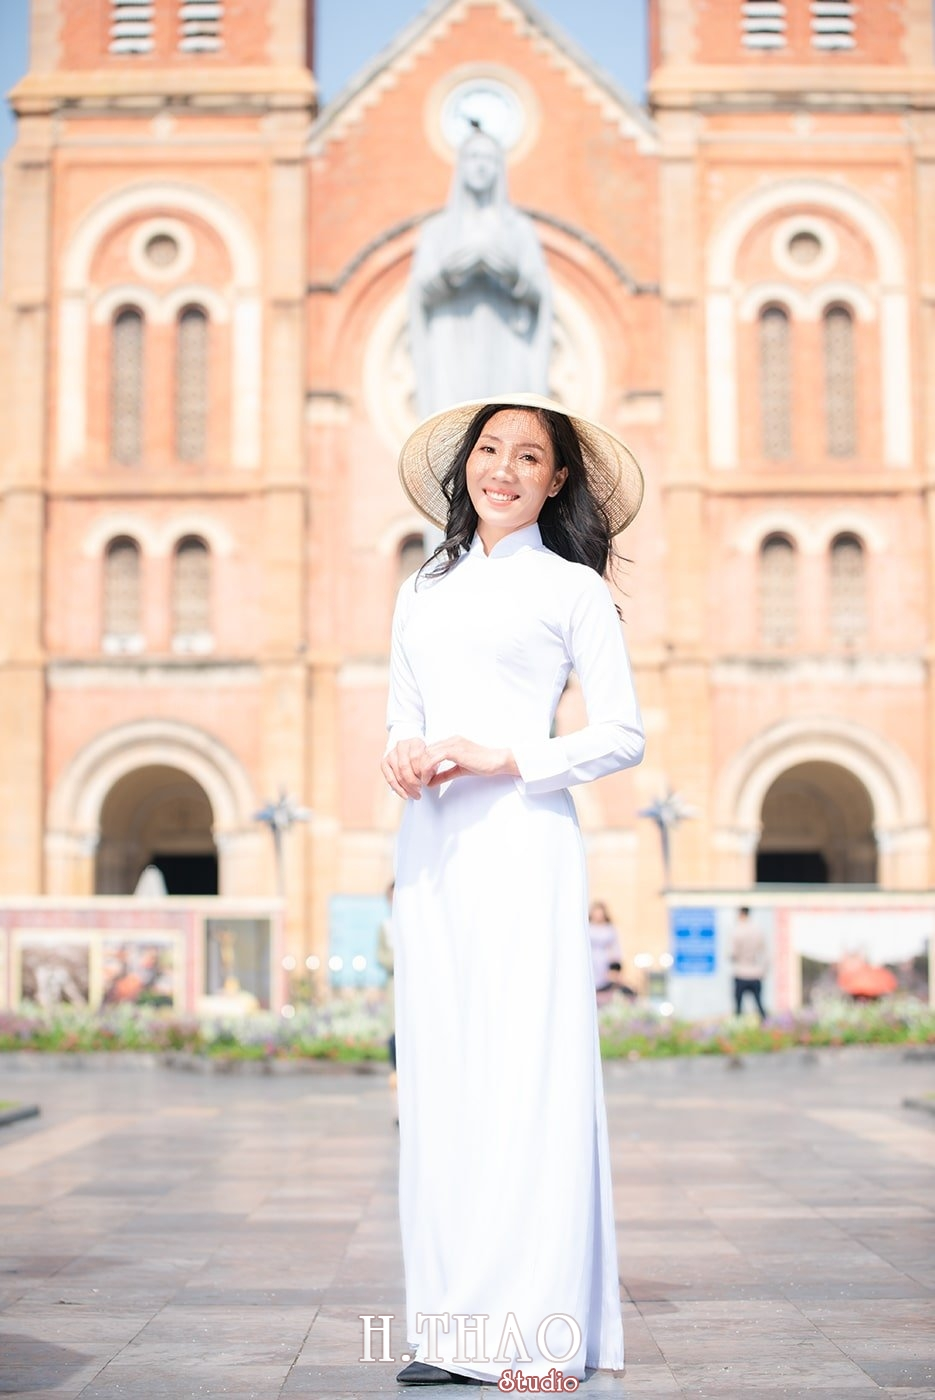 Ao dai nha tho duc ba 19 - Tổng hợp album ảnh áo dài chụp tại nhà thờ Đức Bà - HThao Studio